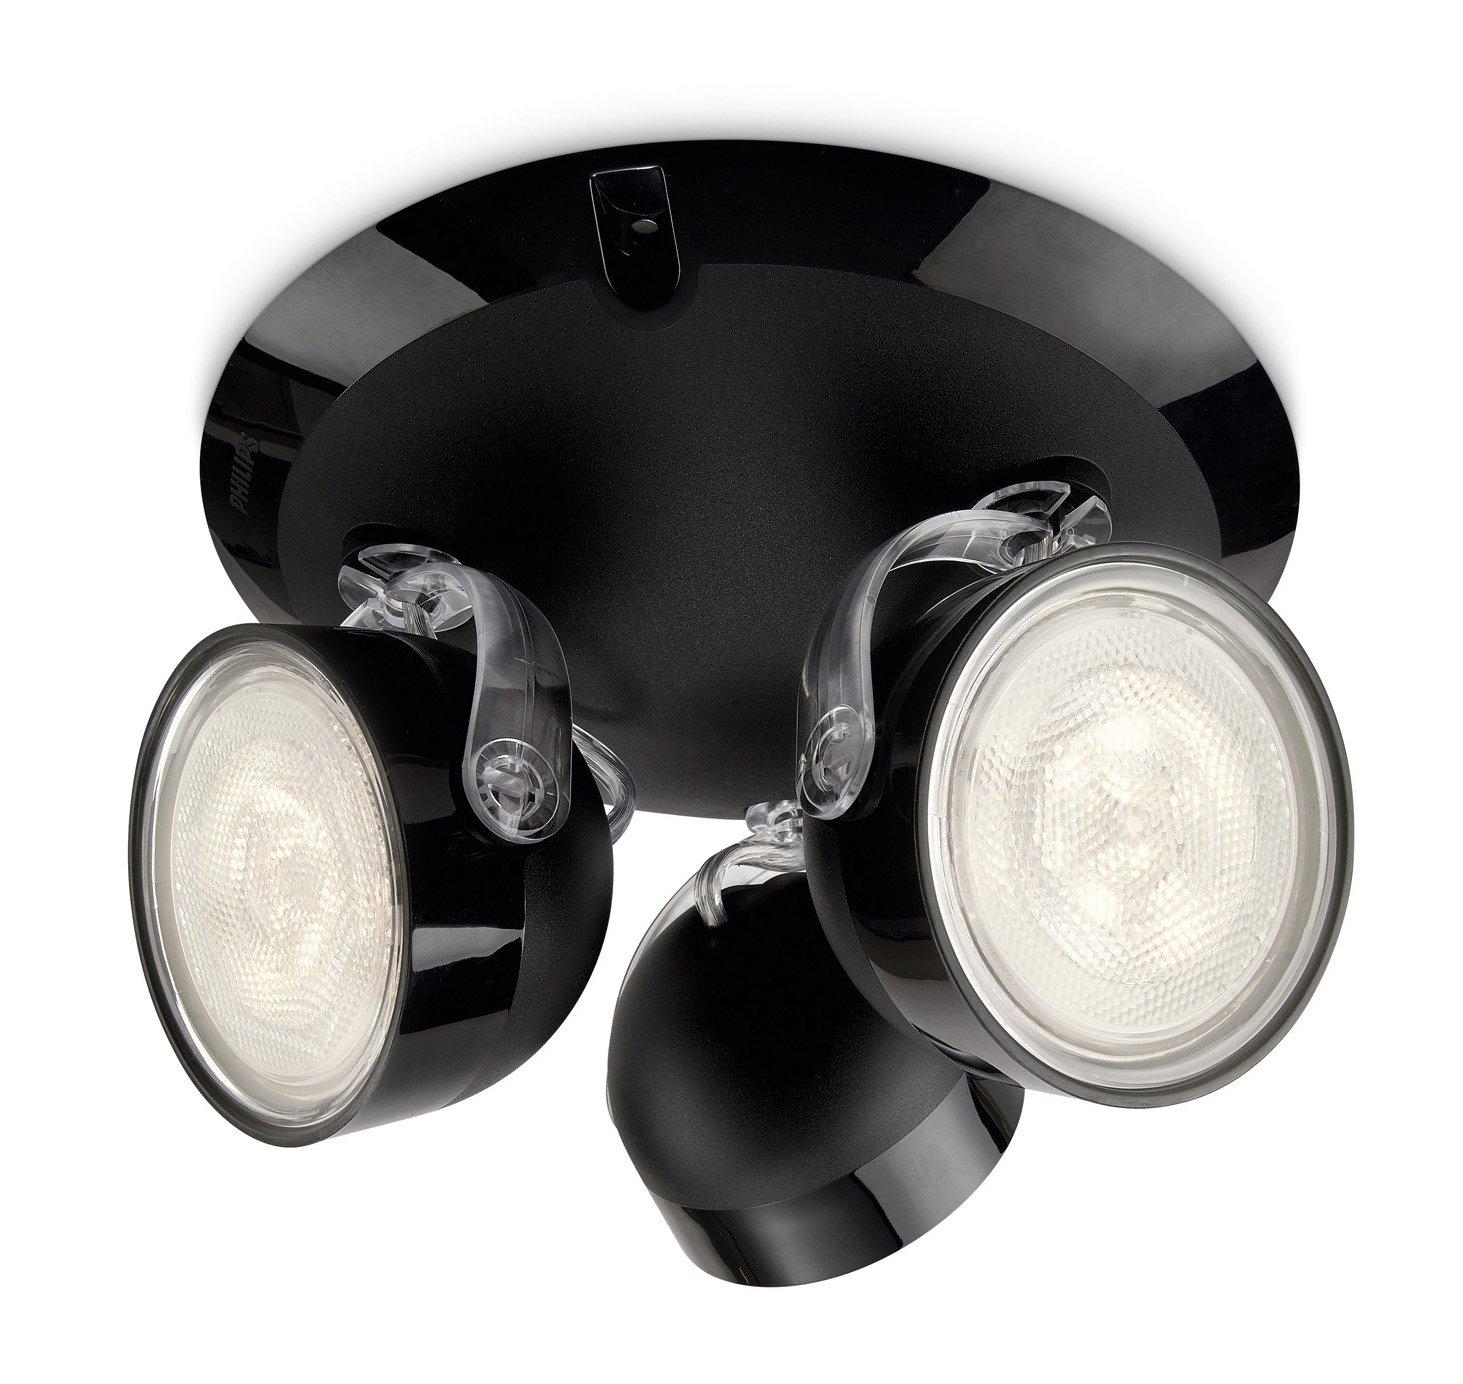 DYNA LED plafondspot MyLiving by Philips 53233-30-16